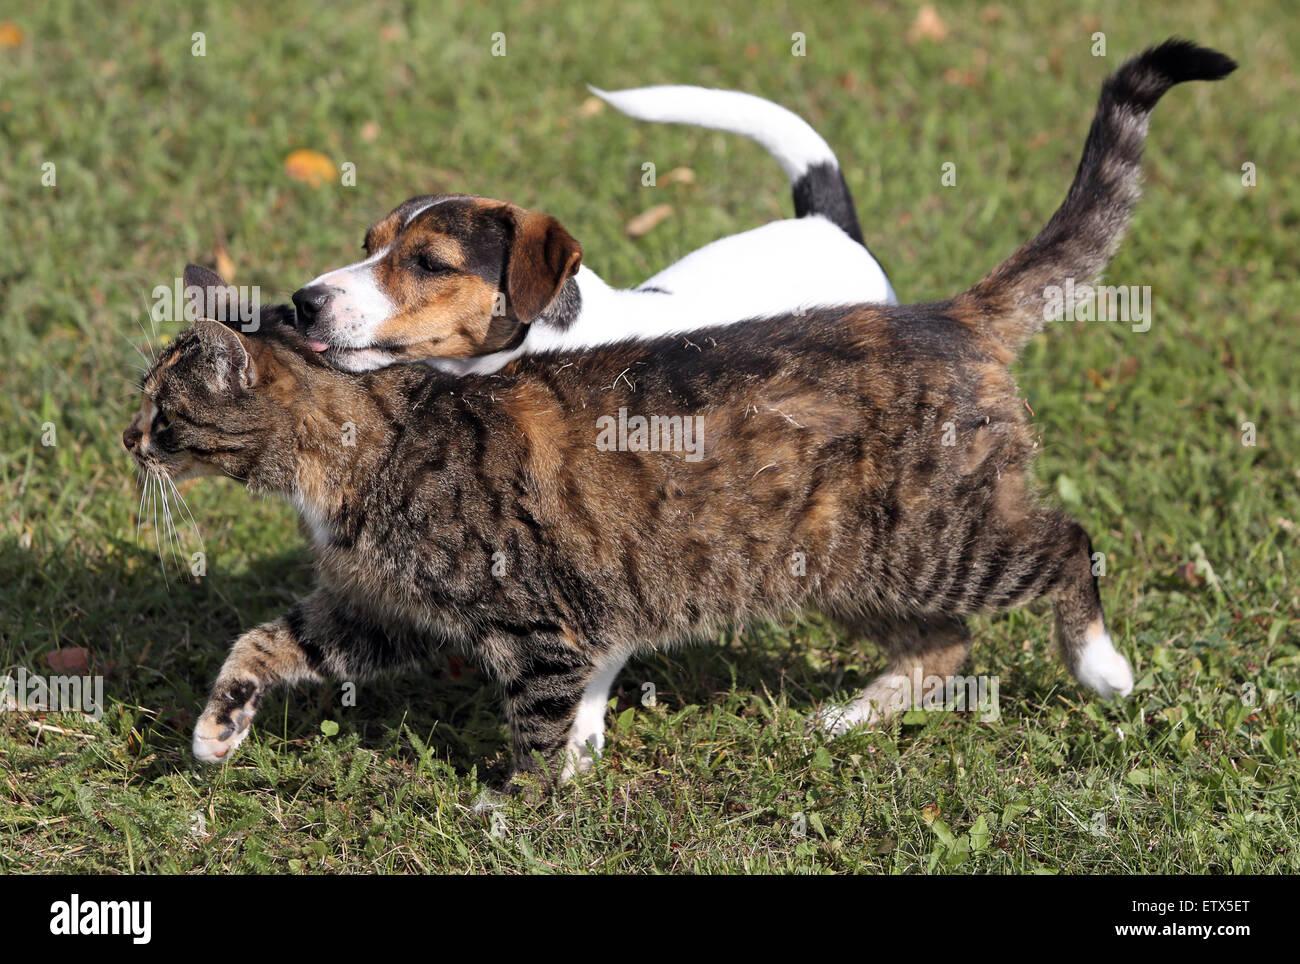 Görlsdorf, Germania, Jack Russell Terrier e il gatto domestico eseguire serenamente fianco a fianco Immagini Stock